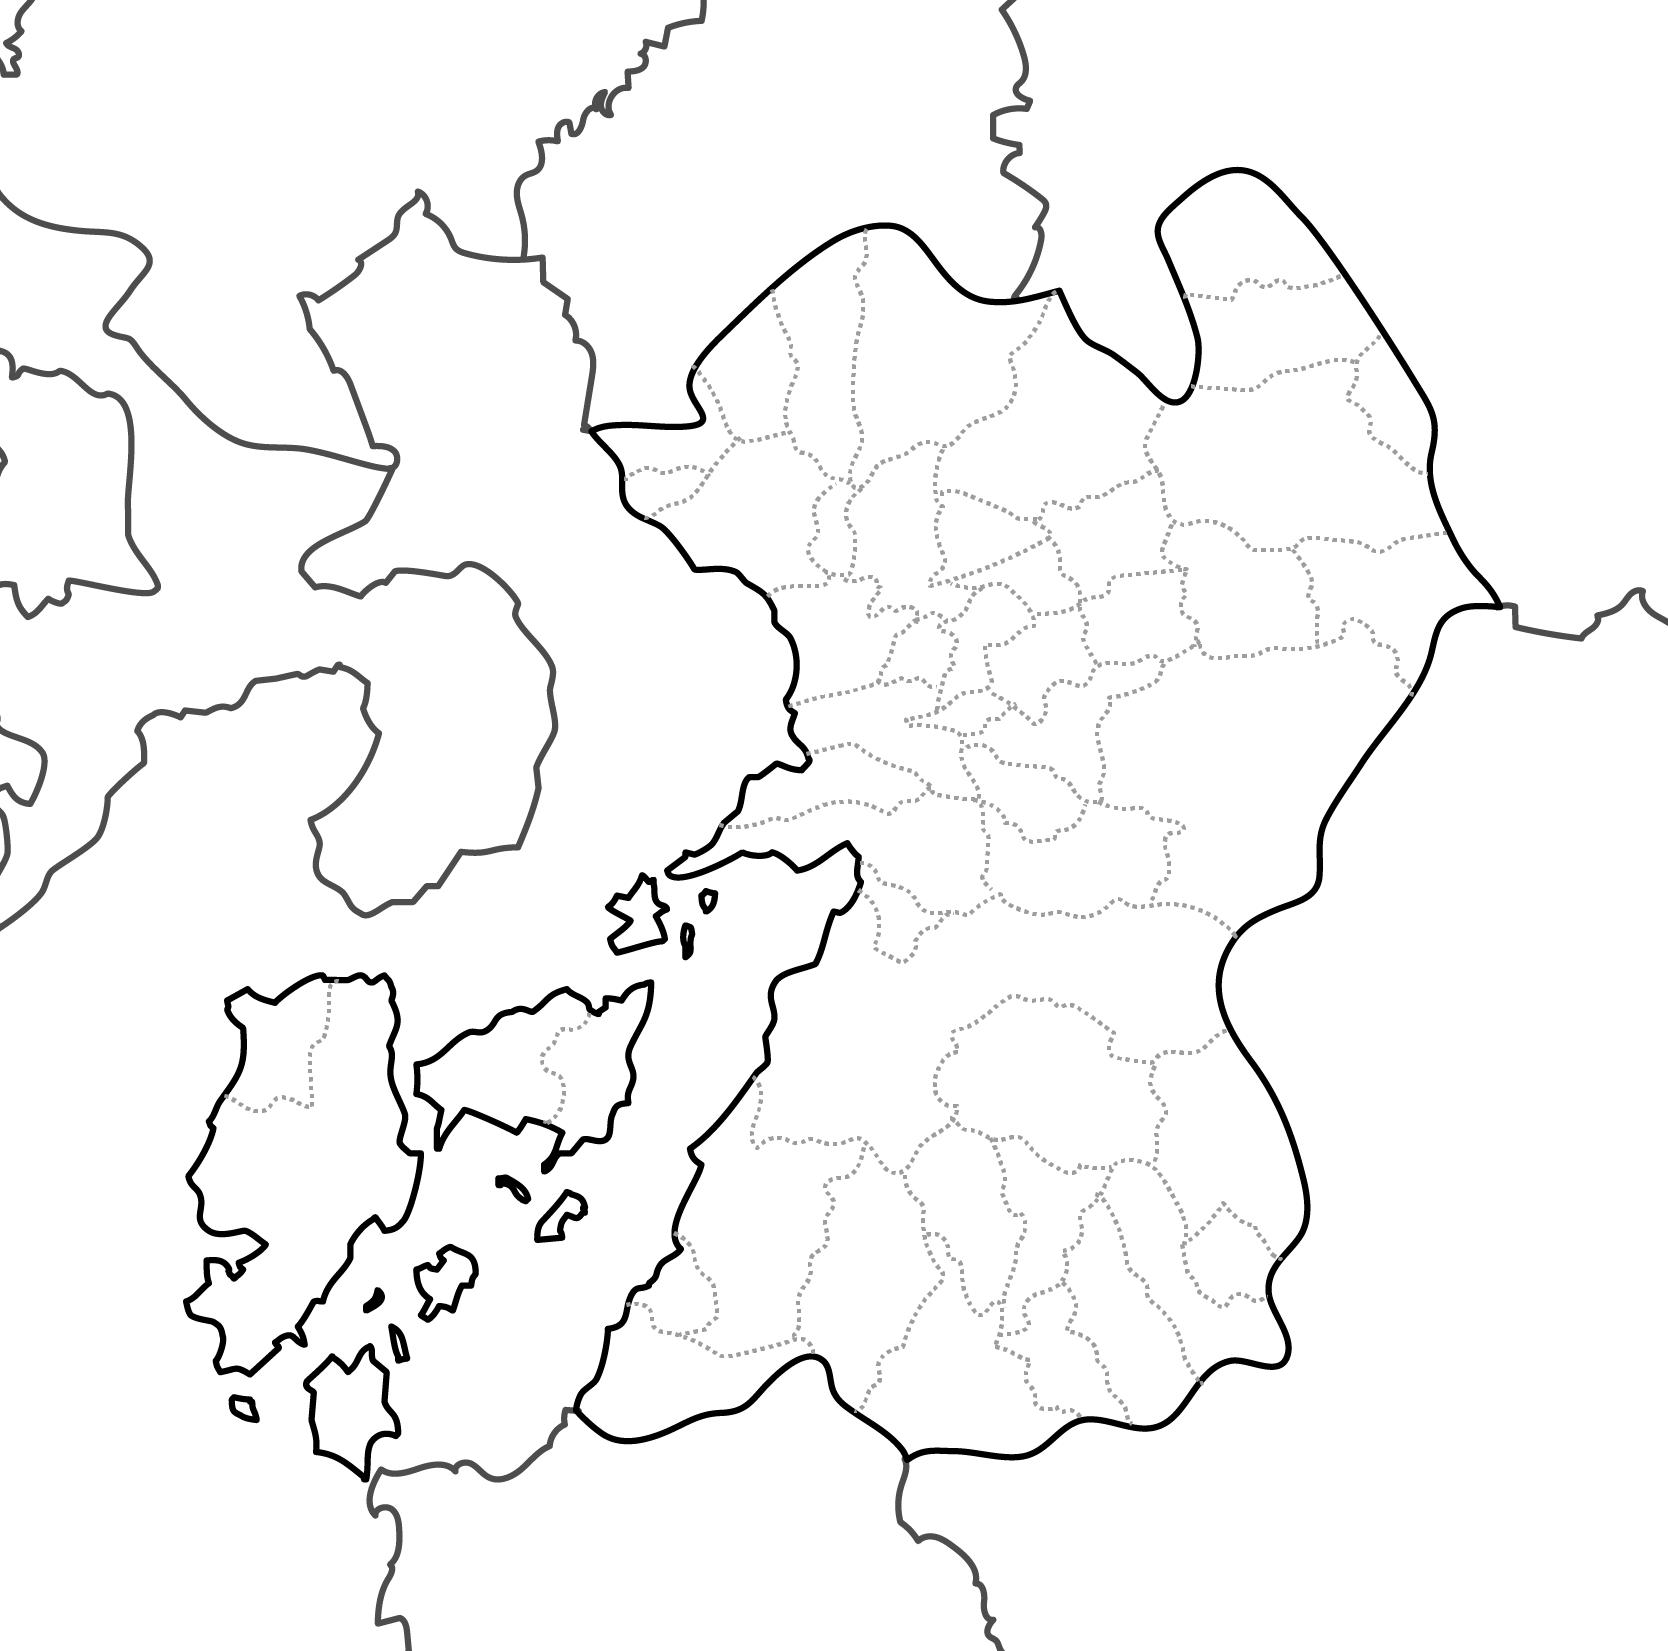 [白地図]熊本県・ラインあり・市区町村名なし・隣県なし